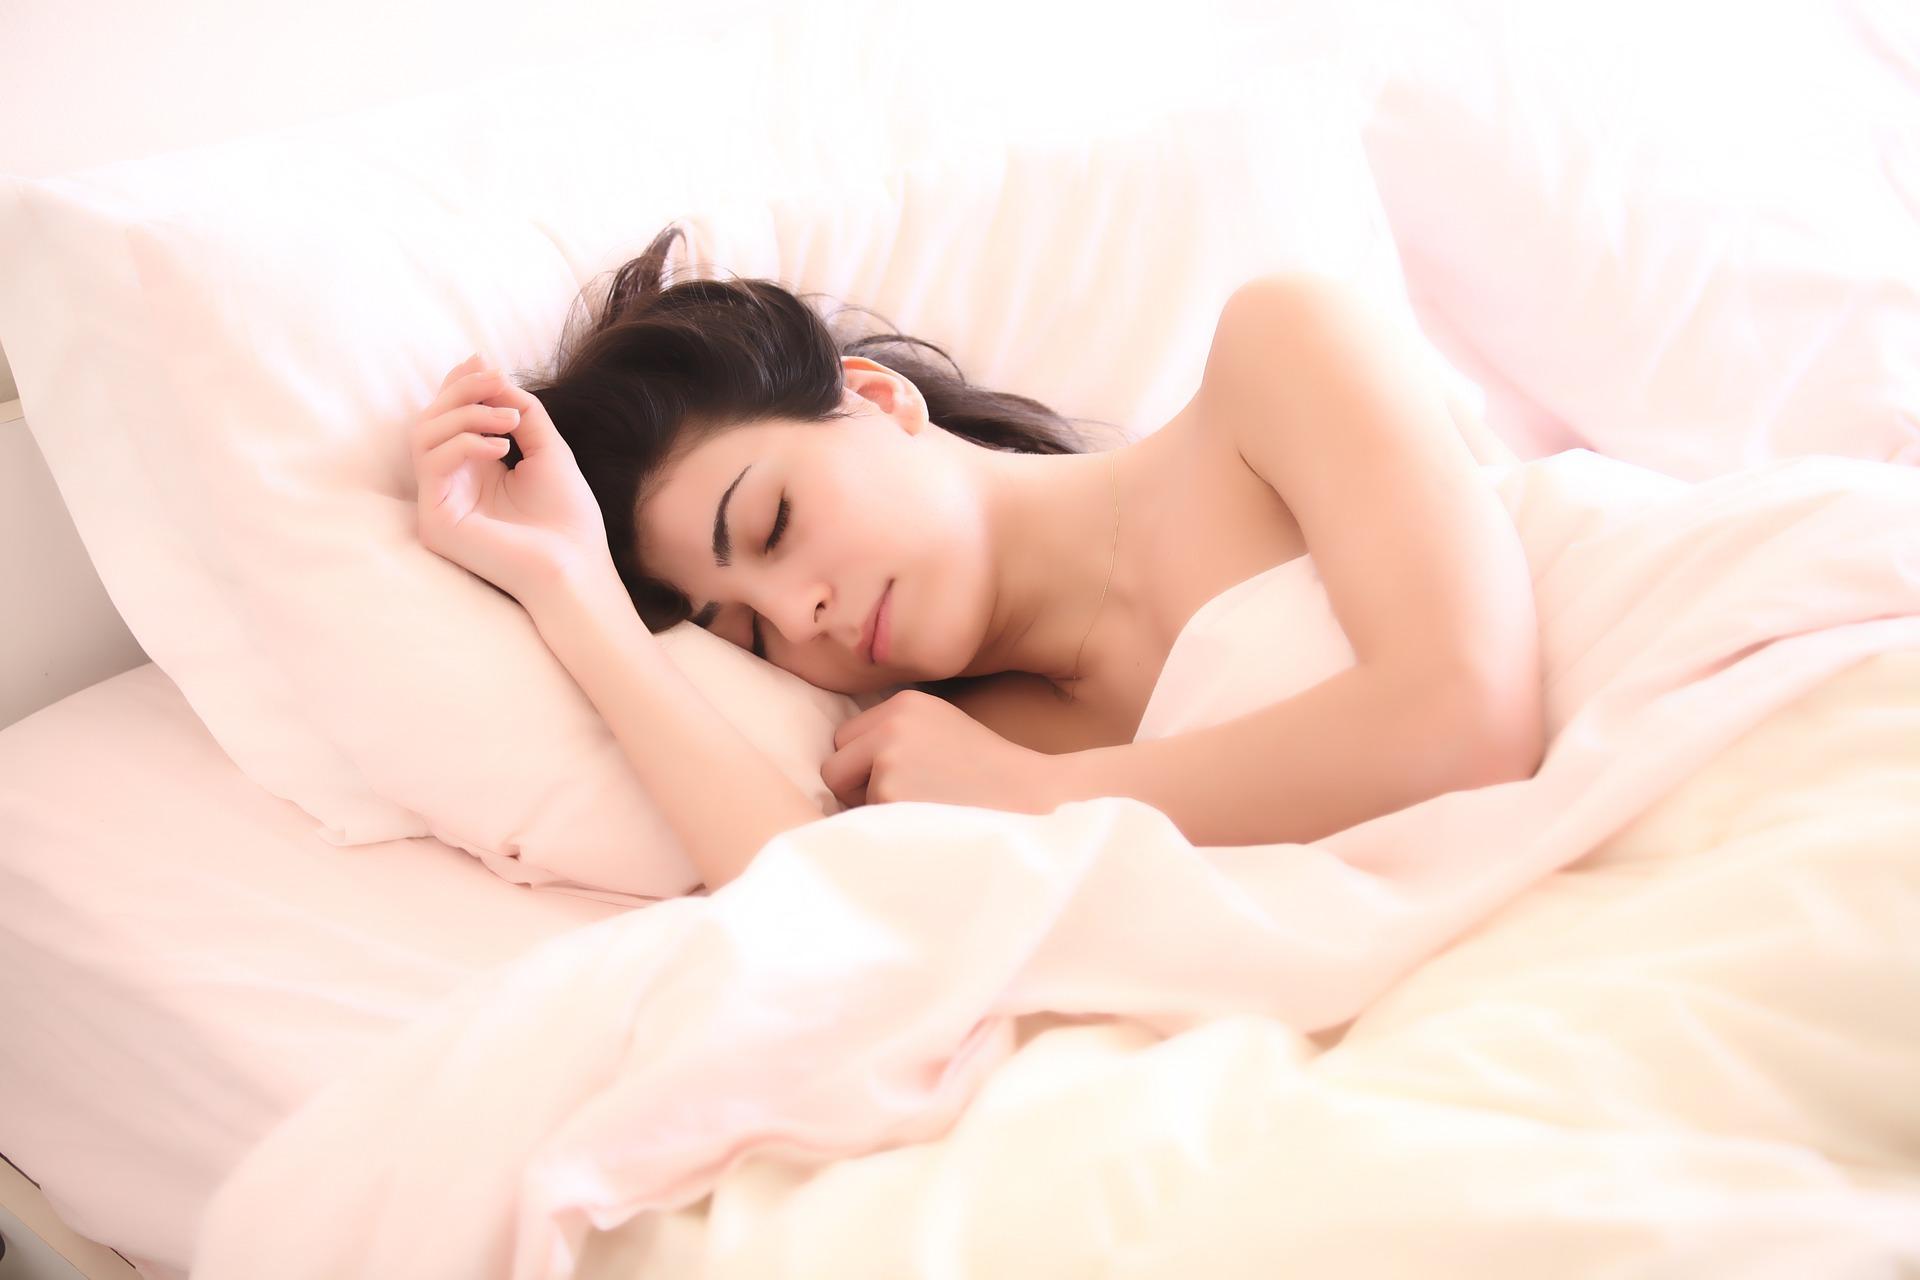 Pohodlný a nerušený spánek je nesmírně důležitý pro naše zdraví